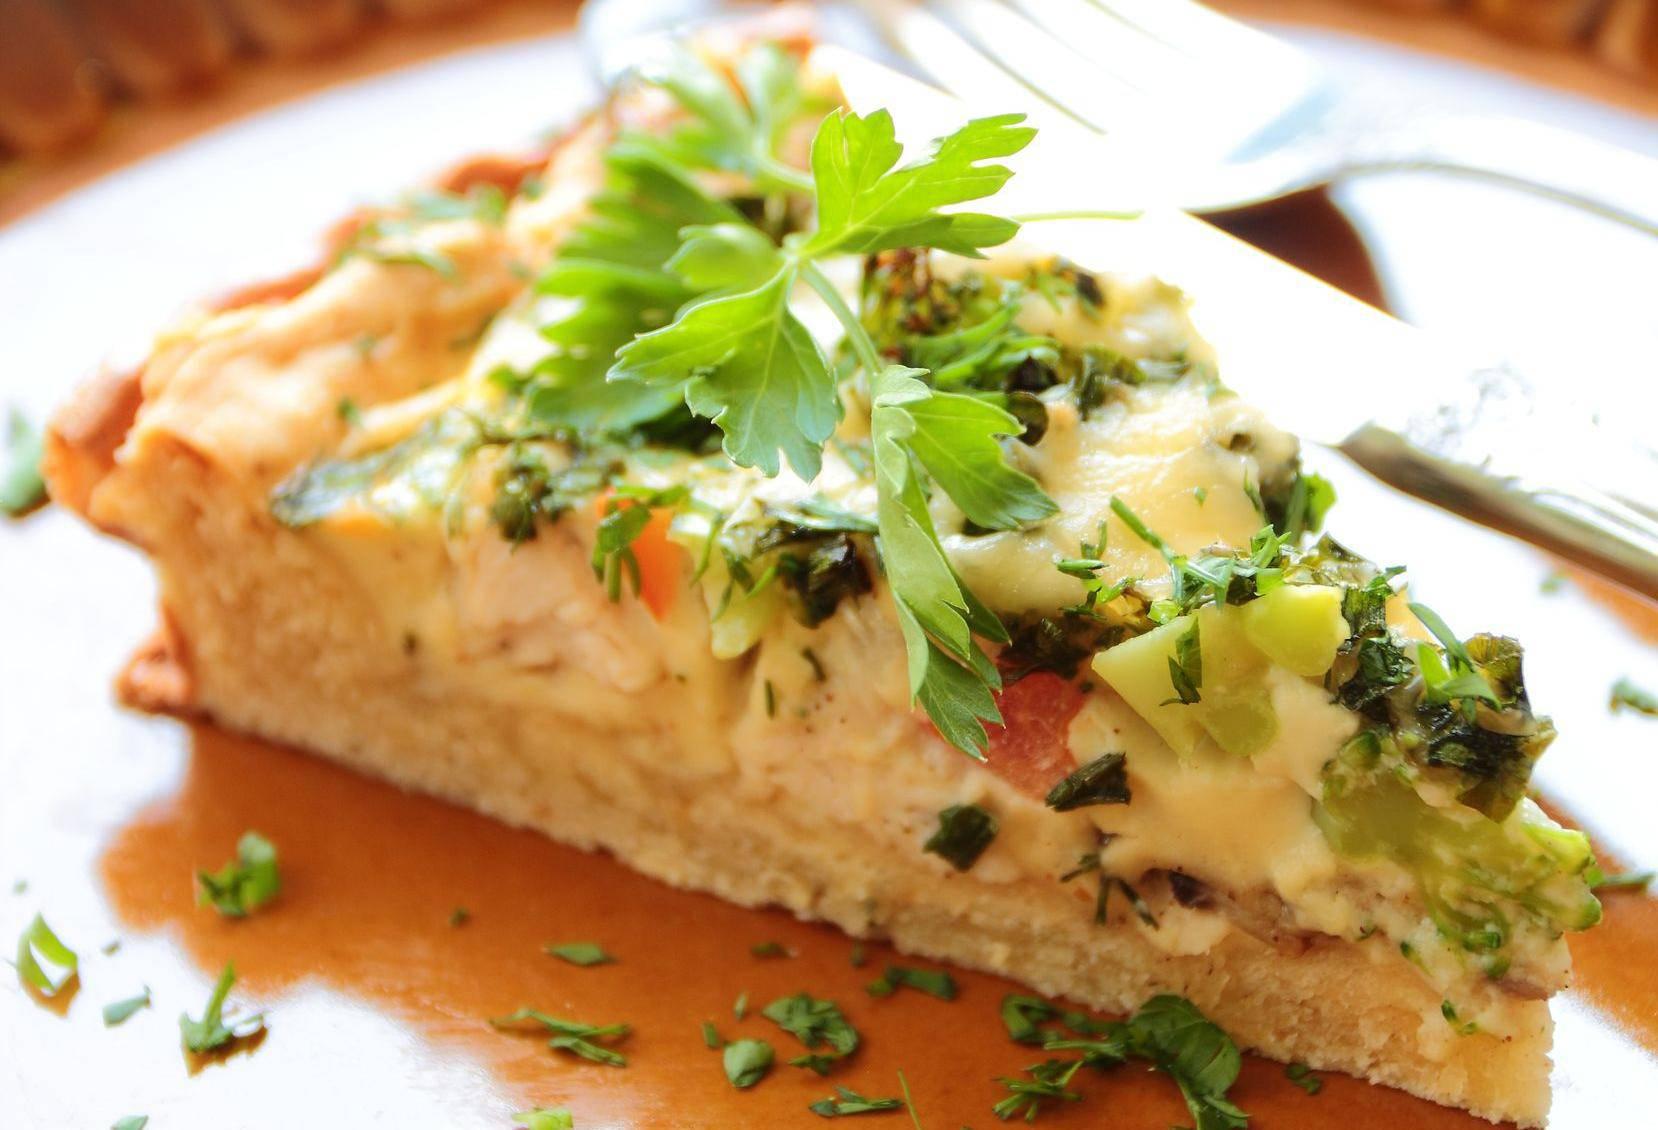 Vegetarijanska pita - ako vam je dosadilo svaki dan jesti meso